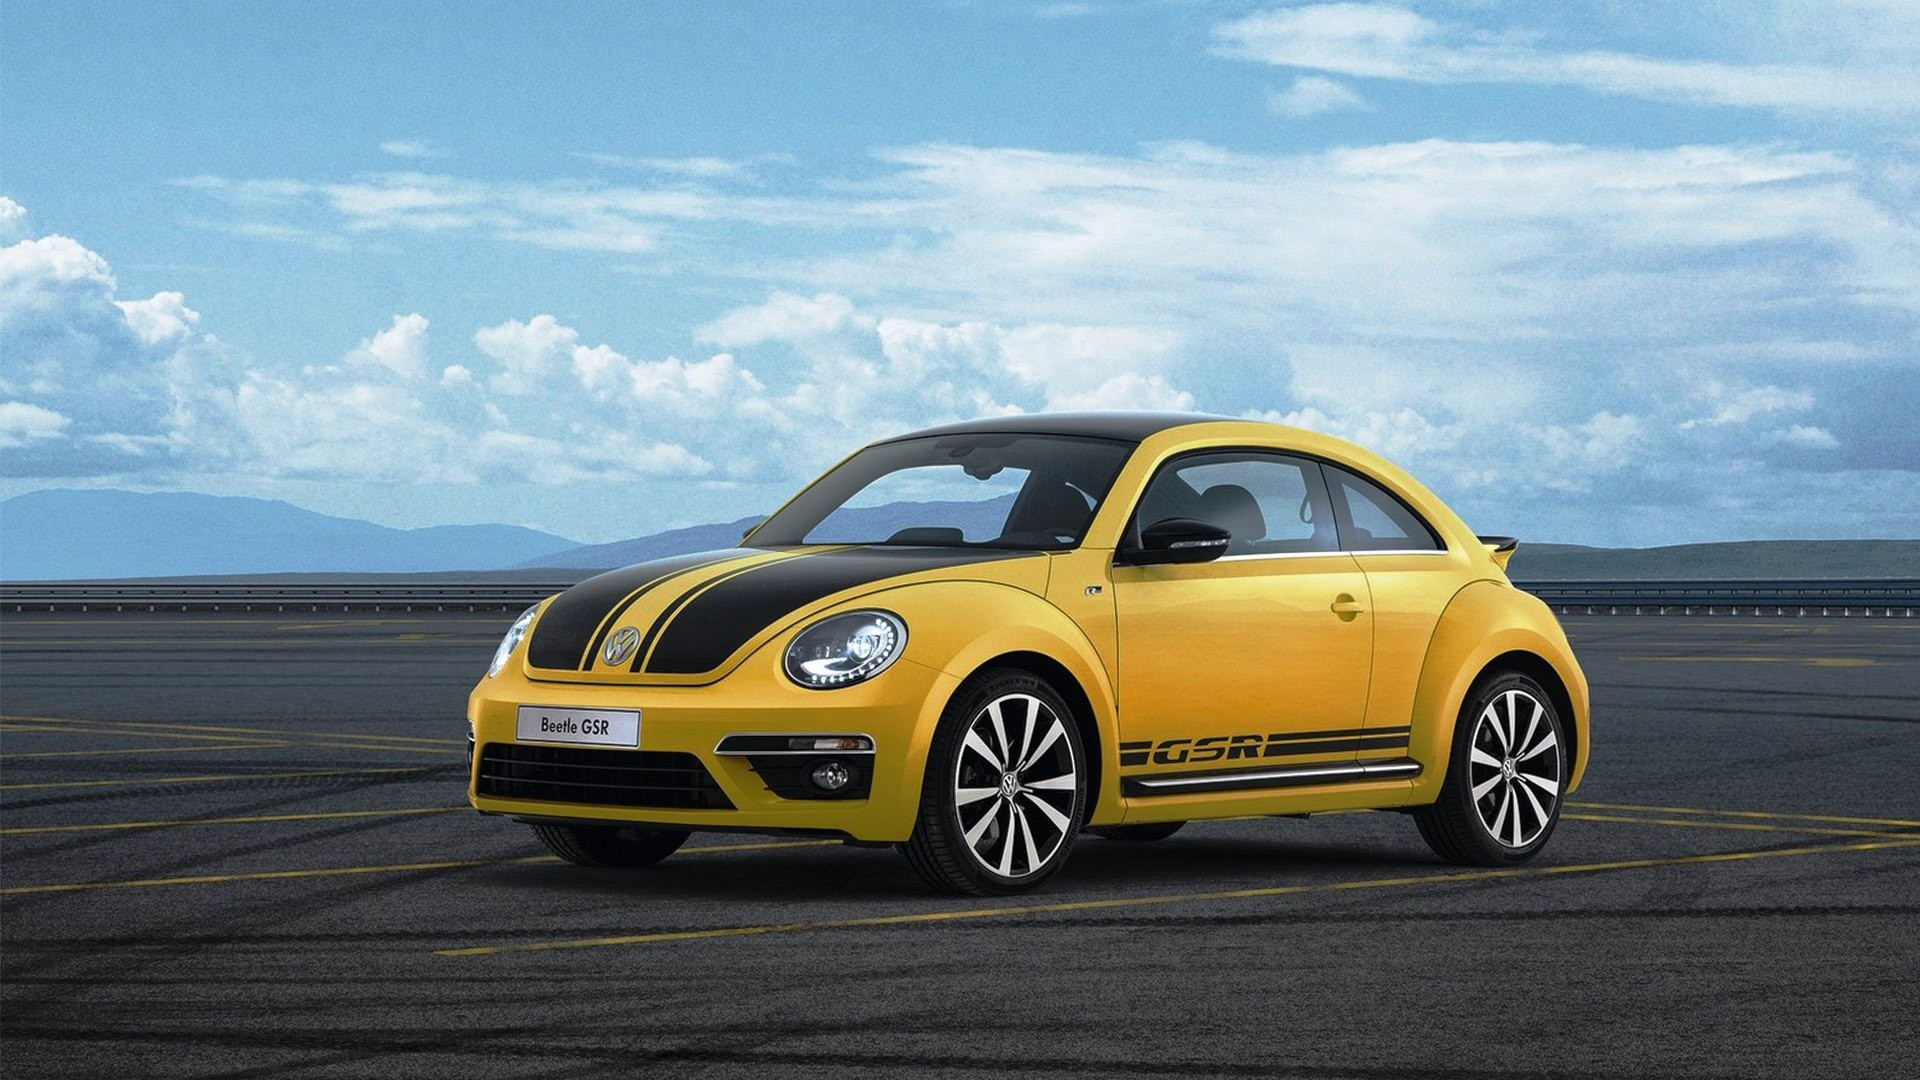 Image for 2013 Volkswagen Beetle GSR Wallpaper HD 7